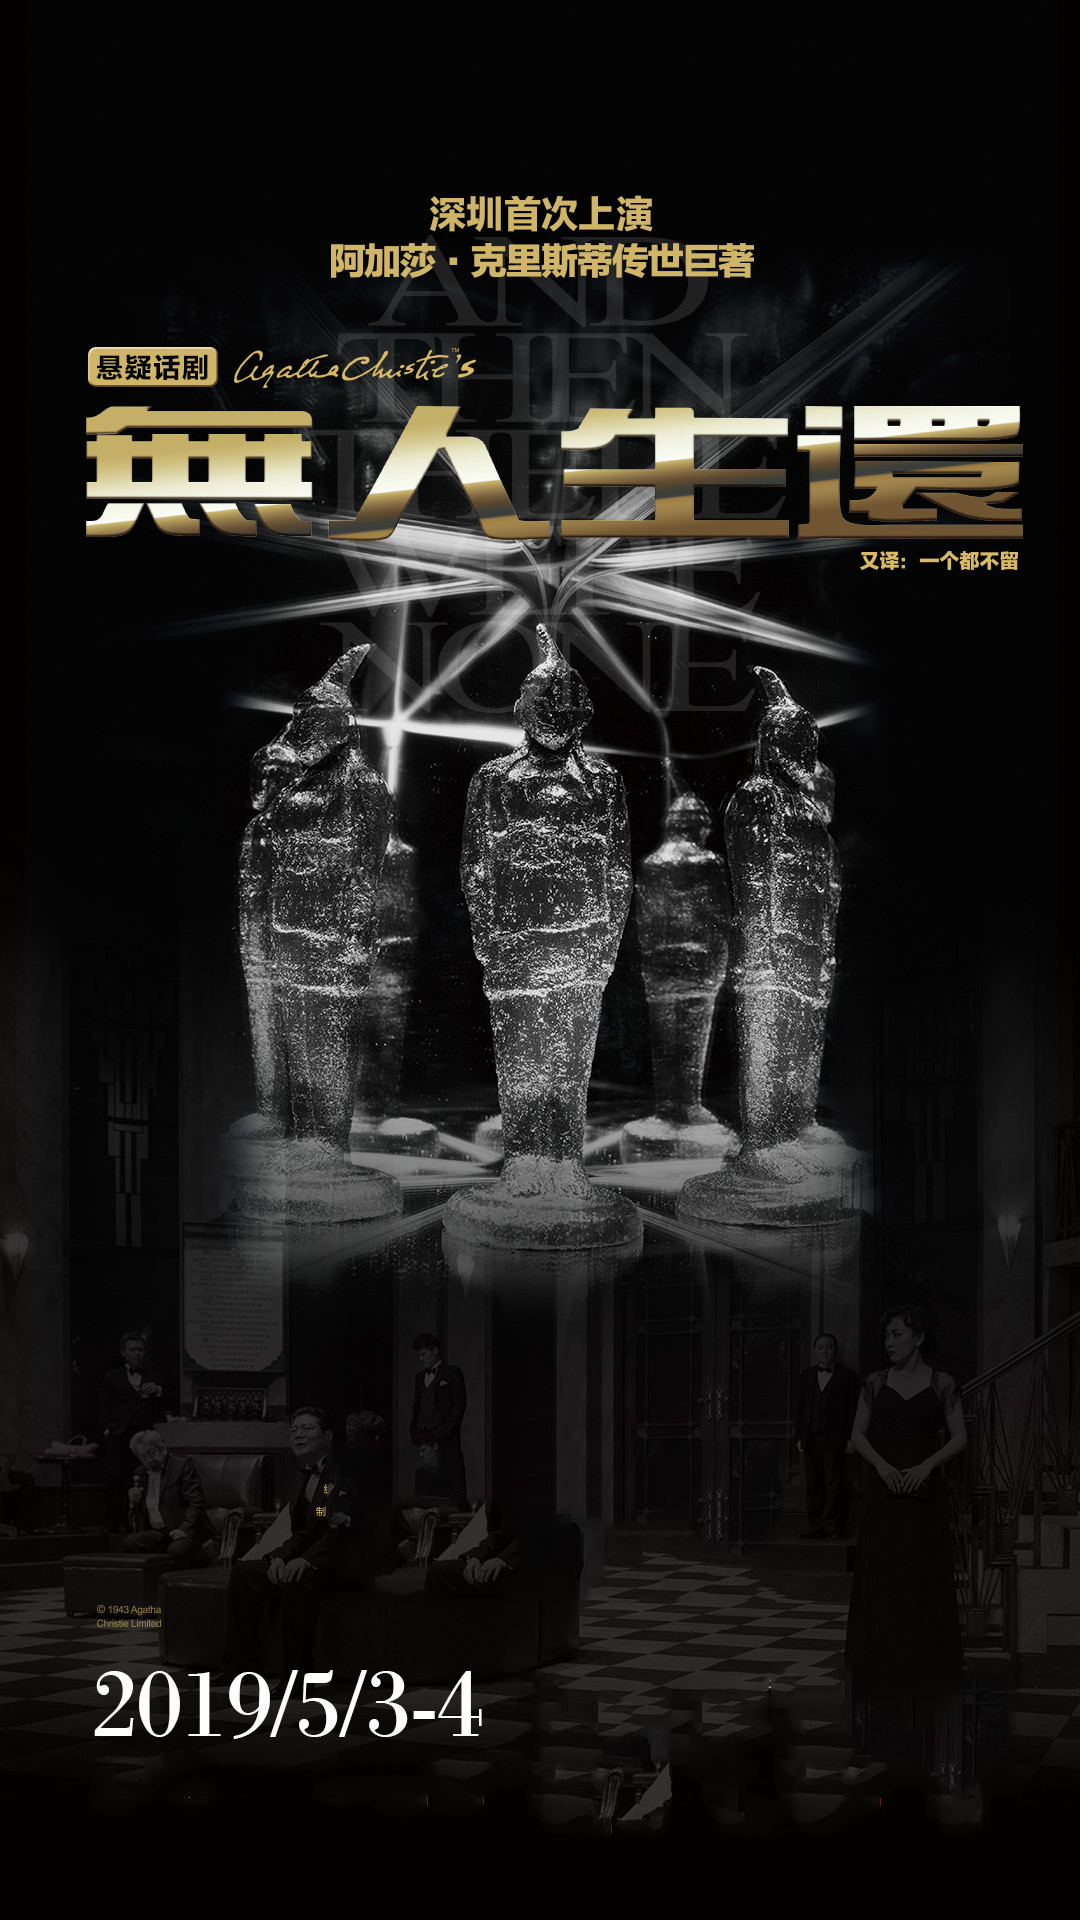 阿加莎克里斯蒂传世巨著《无人生还》深圳站